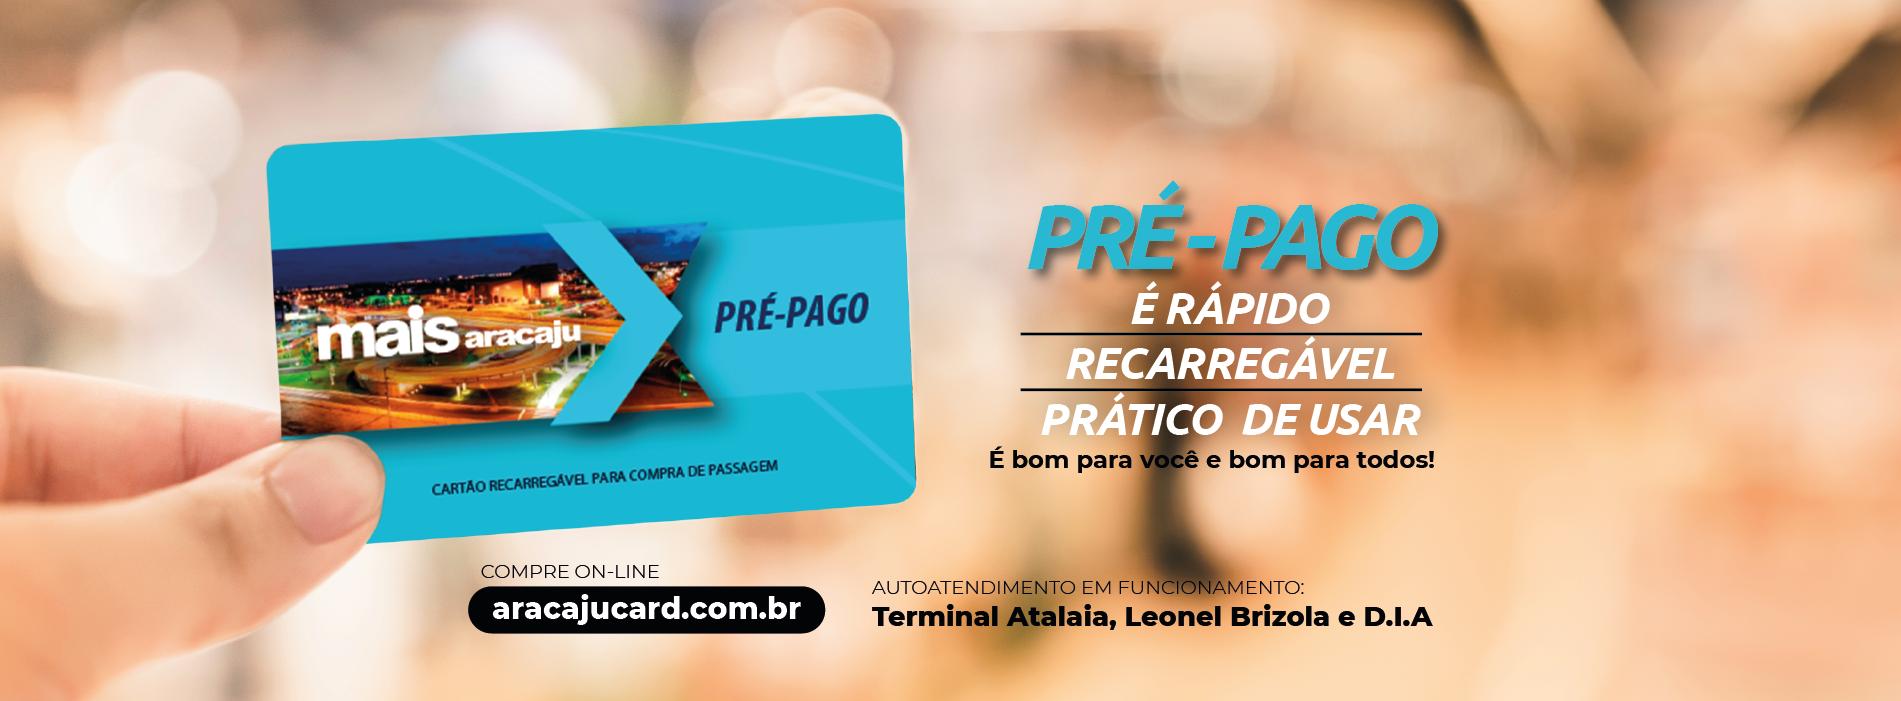 07_Pré-pago_site__Prancheta-1